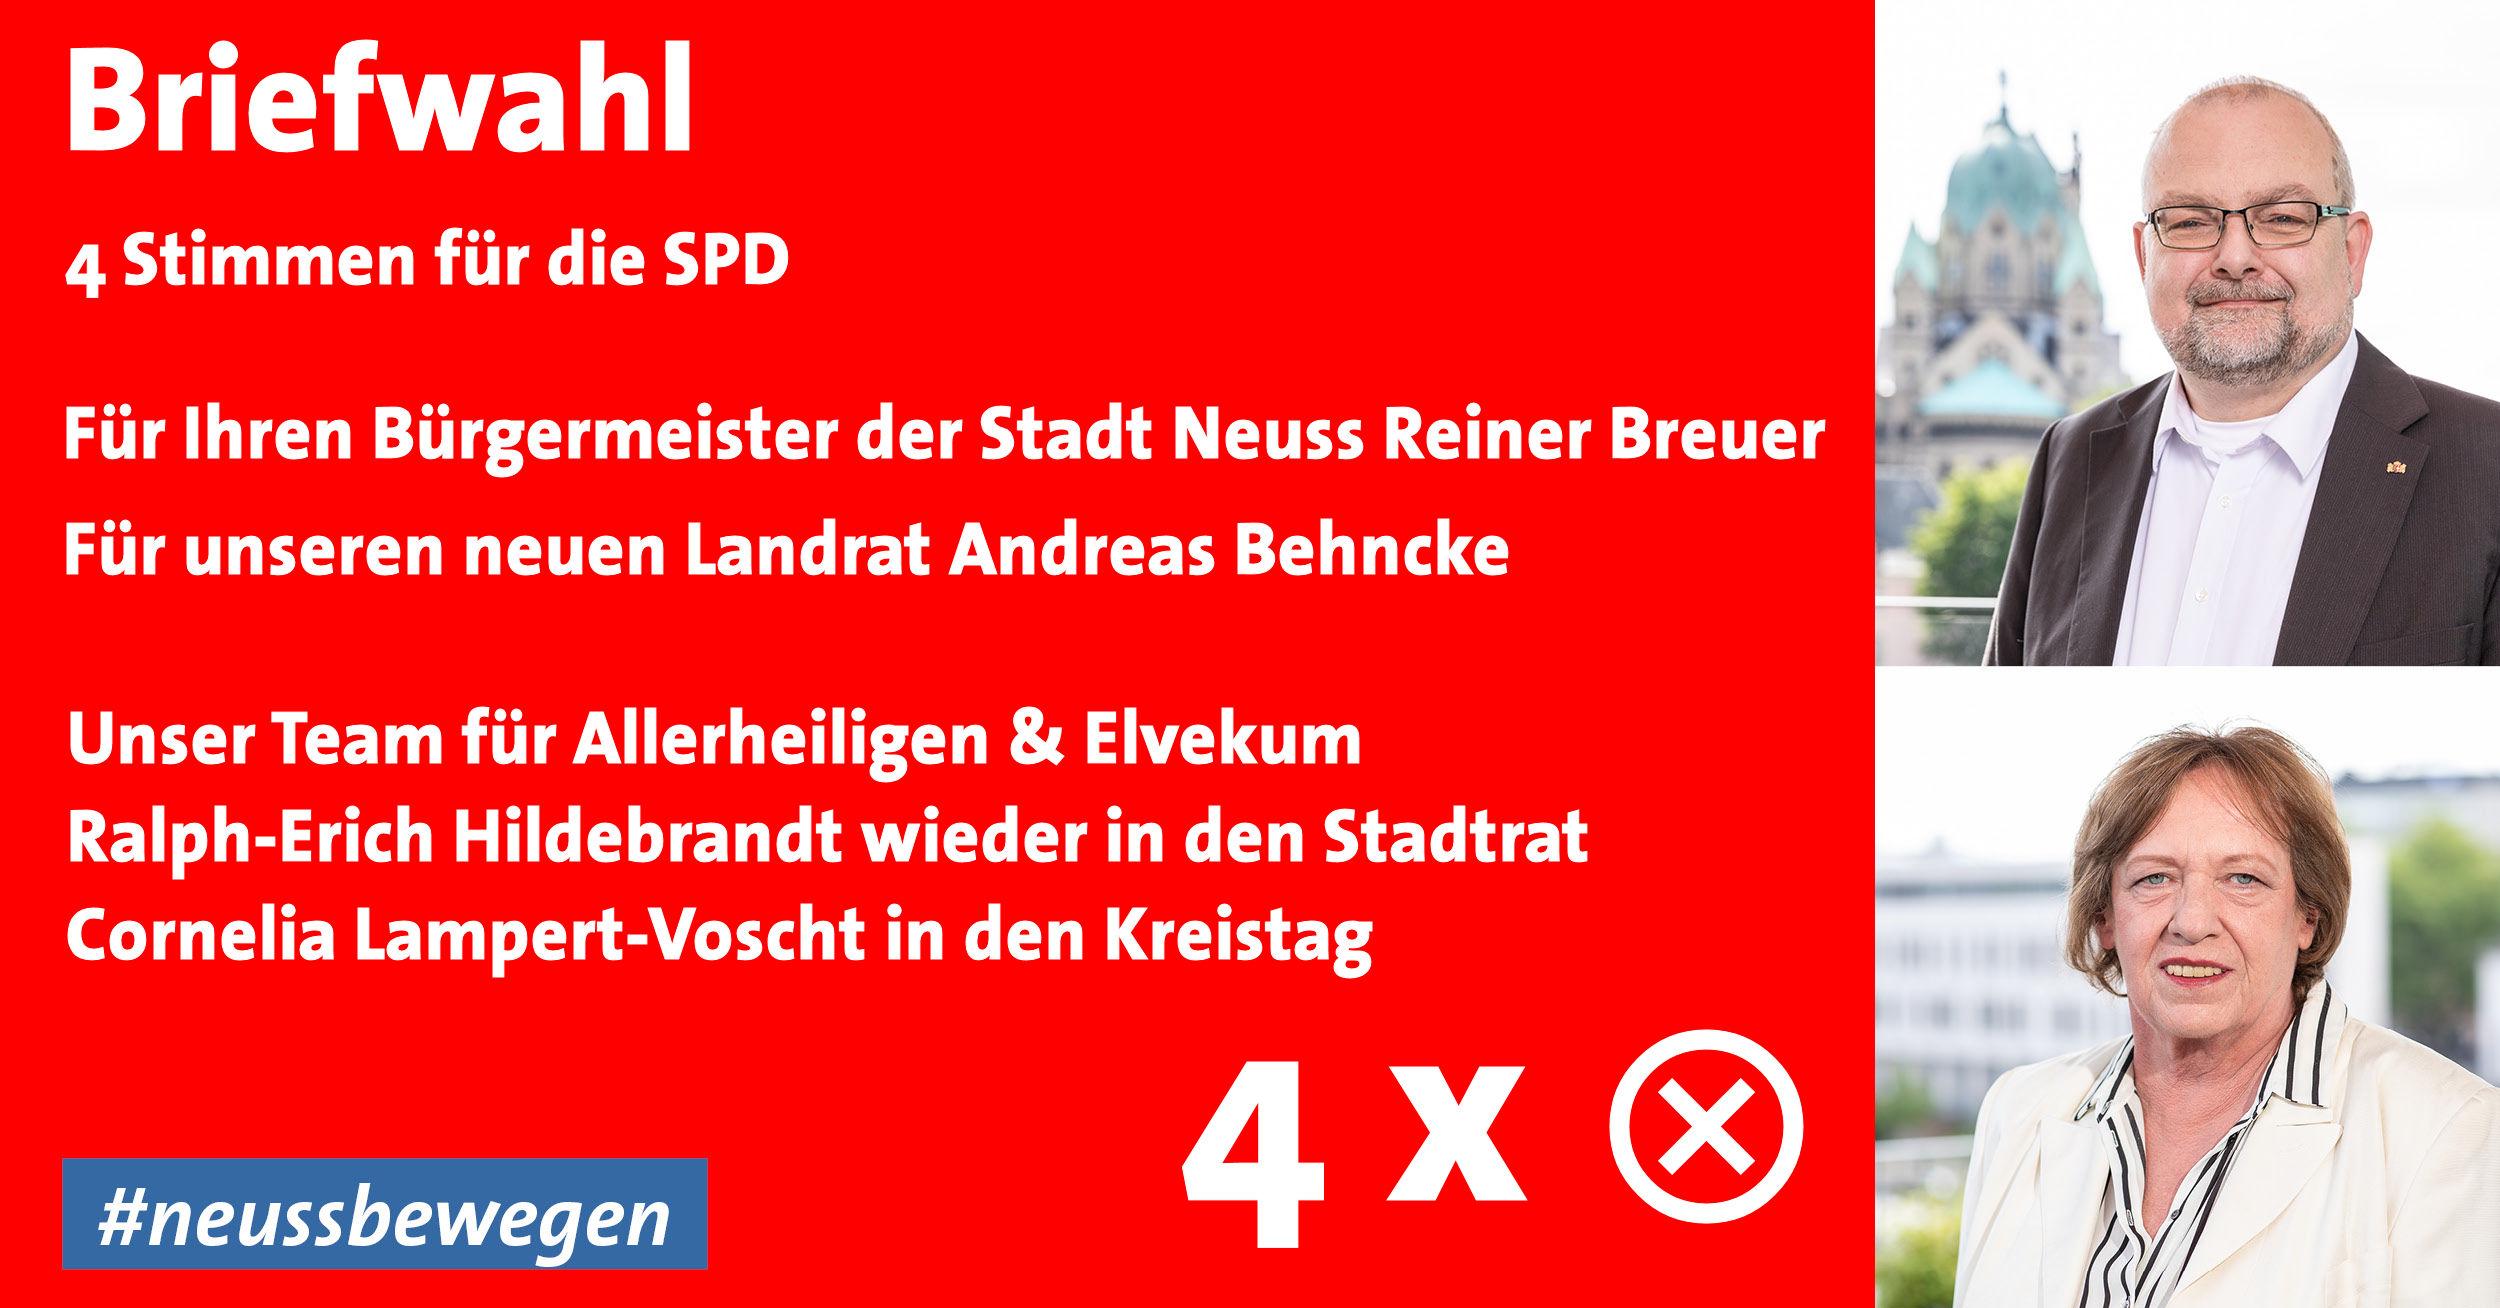 Briefwahl in Allerheiligen & Elvekum - 4x SPD wählen